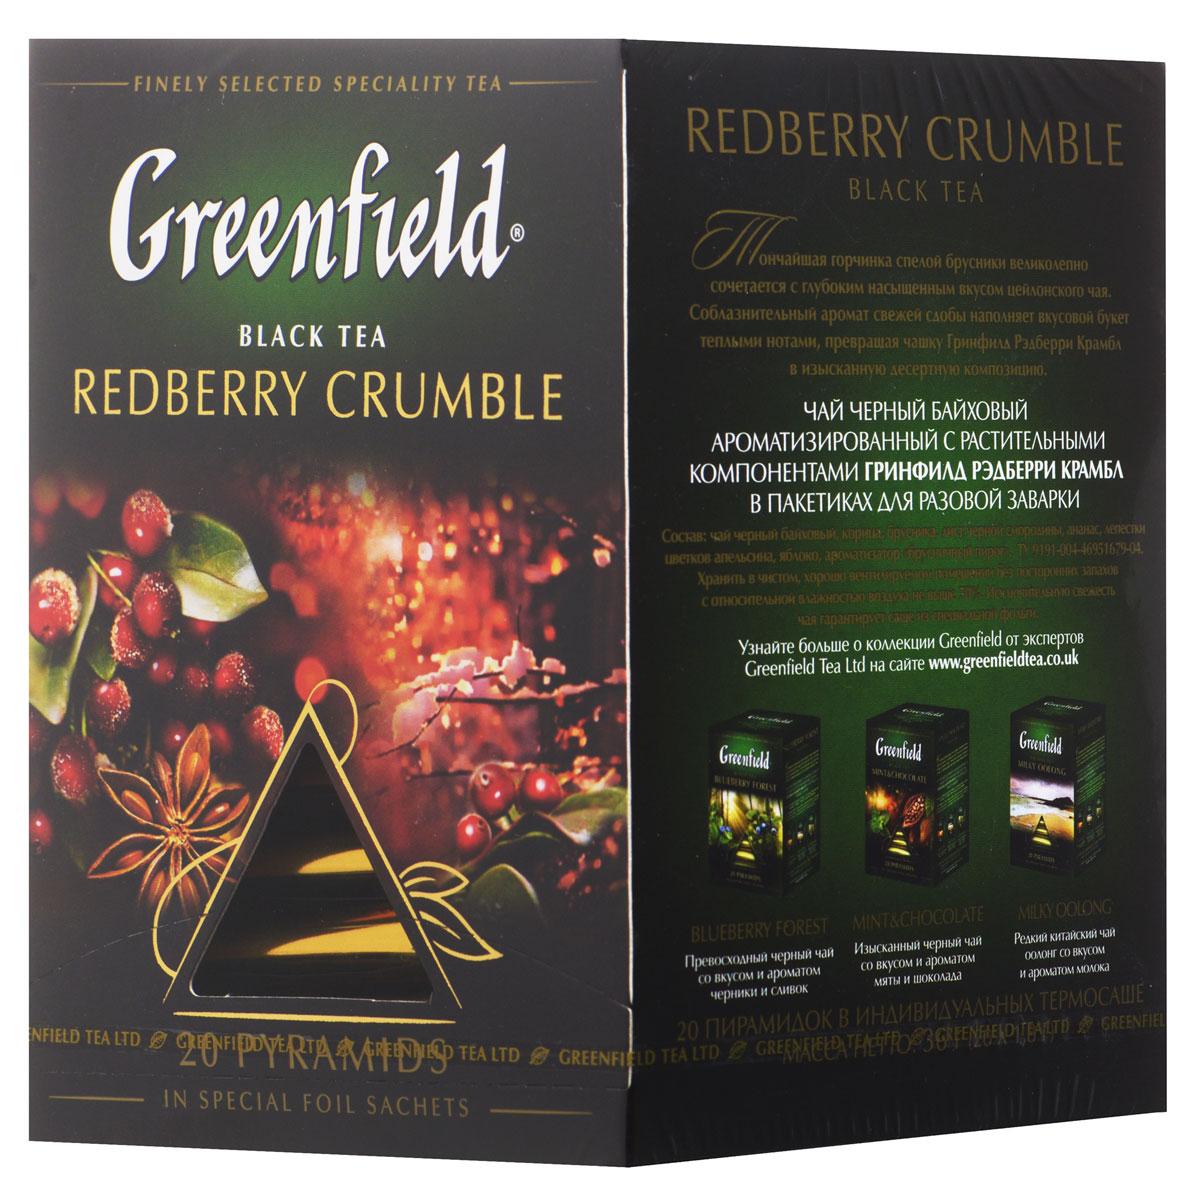 Greenfield Redberry Crumble черный чай в пирамидках, 20 шт1134-08Greenfield Redberry Crumble - черный чай с брусникой в пирамидках. Тончайшая горчинка спелой брусники великолепно сочетается с глубоким насыщенным вкусом цейлонского чая. Соблазнительный аромат свежей сдобы наполняет вкусовой букет теплыми нотами, превращая чашку чая Redberry Crumble в изысканную десертную композицию.Всё о чае: сорта, факты, советы по выбору и употреблению. Статья OZON Гид